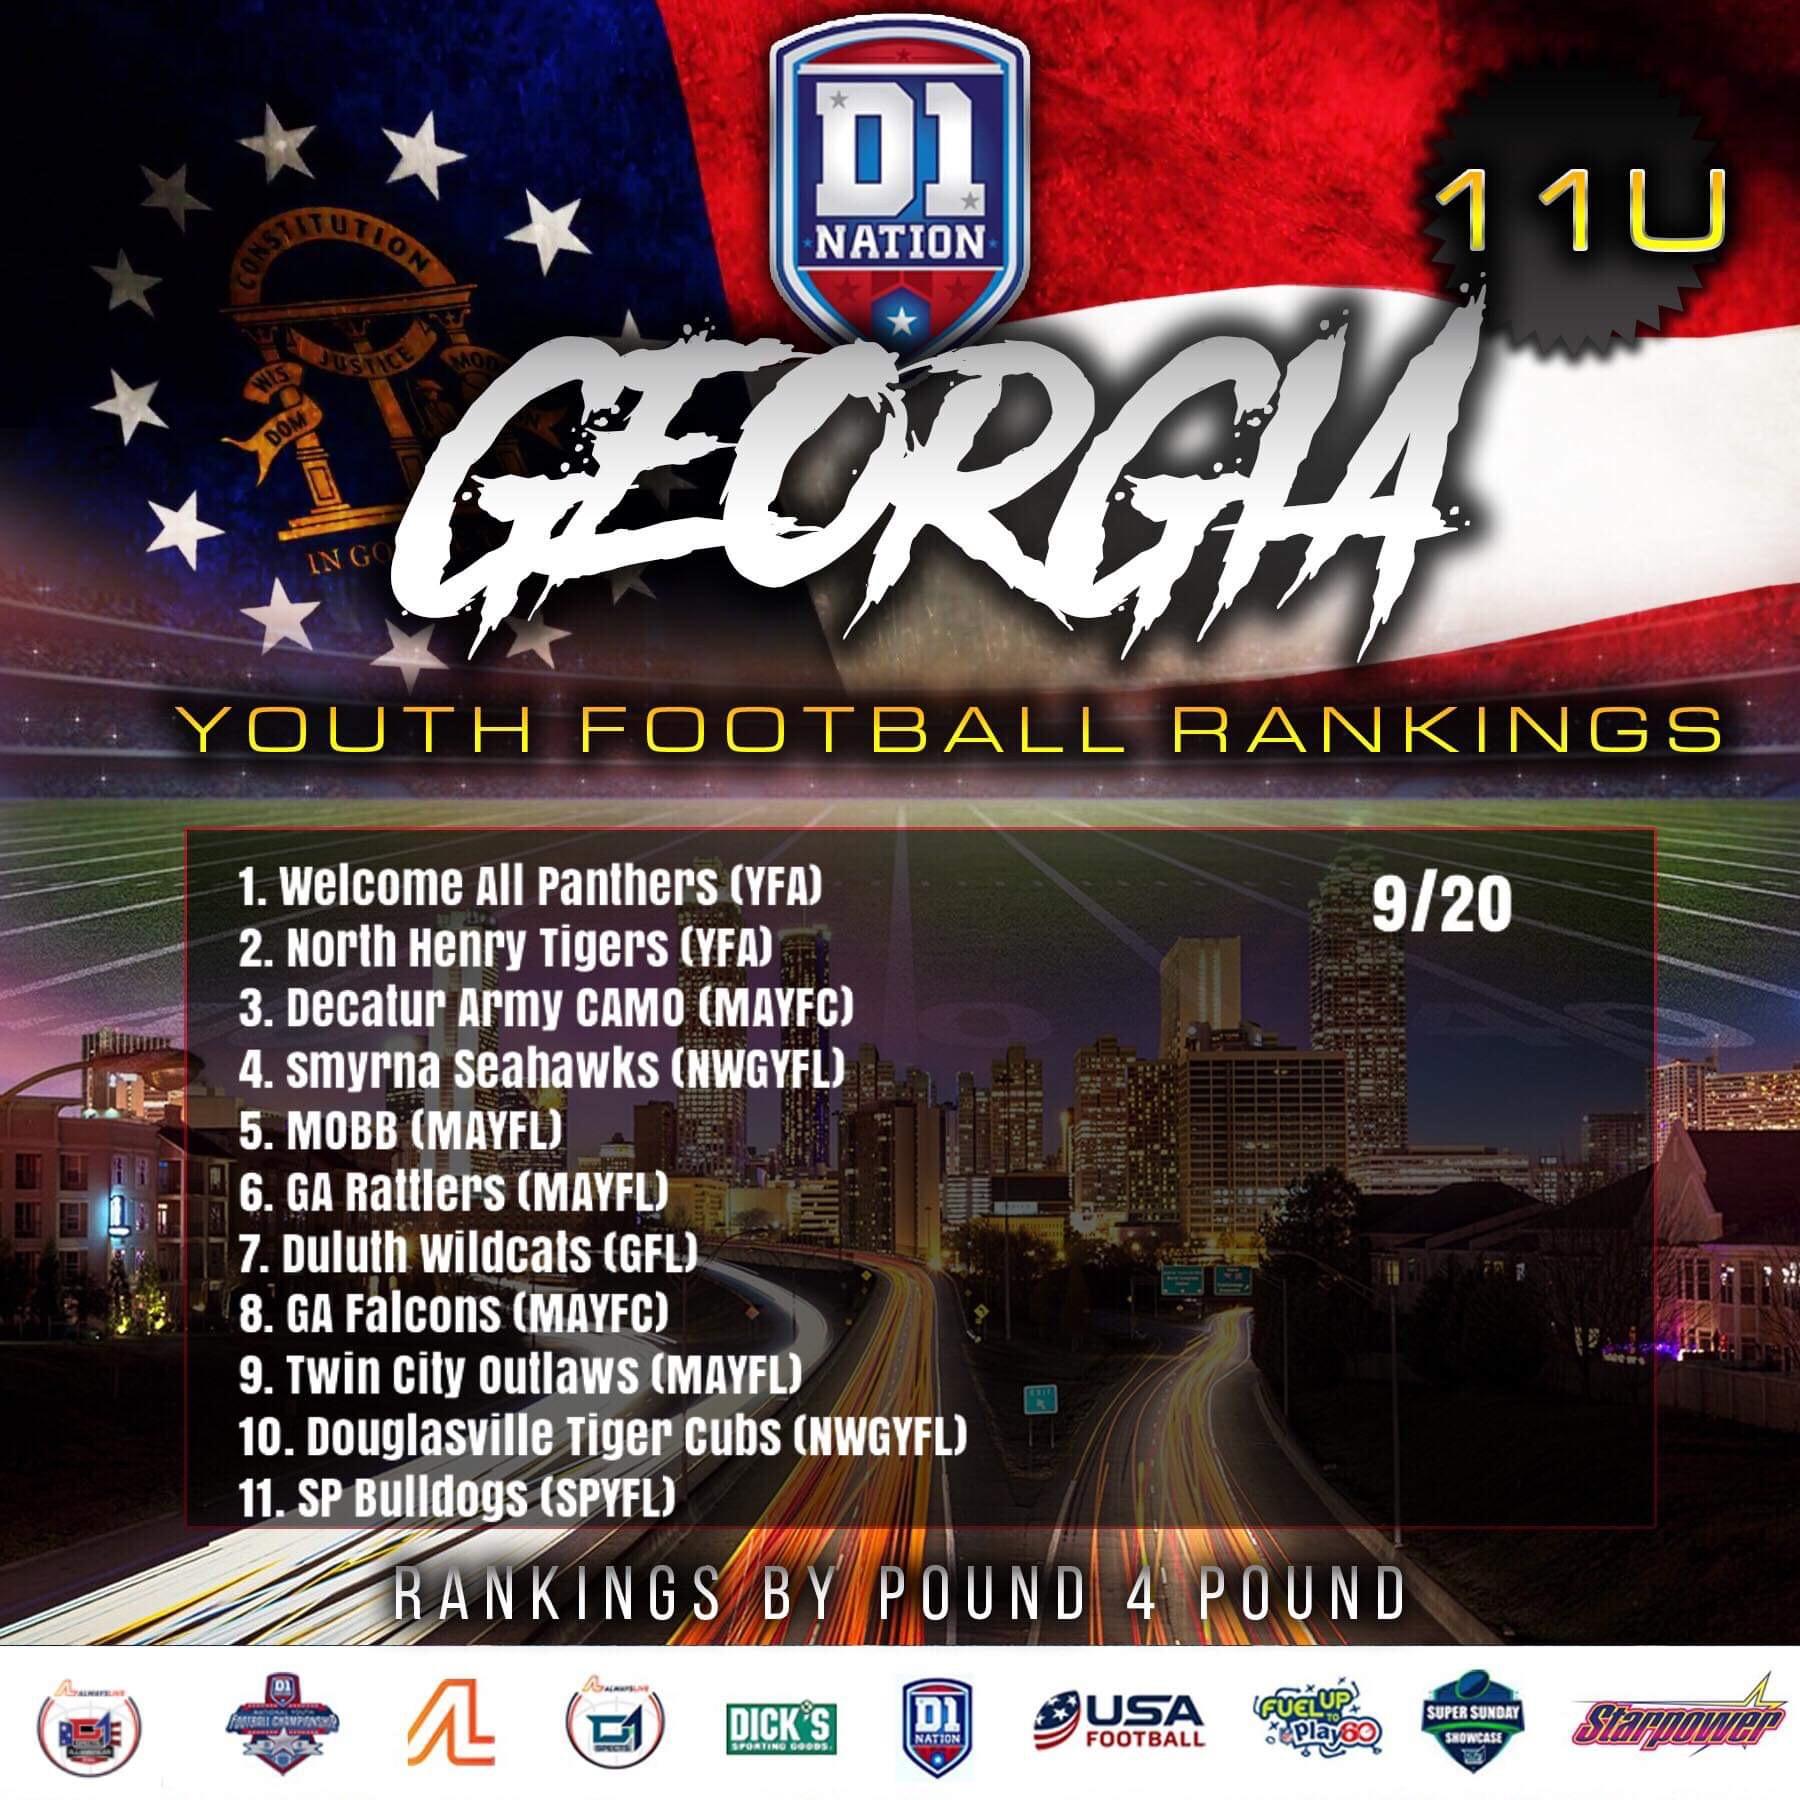 Update 09/26/2019: Georgia Youth Football Rankings – 11U